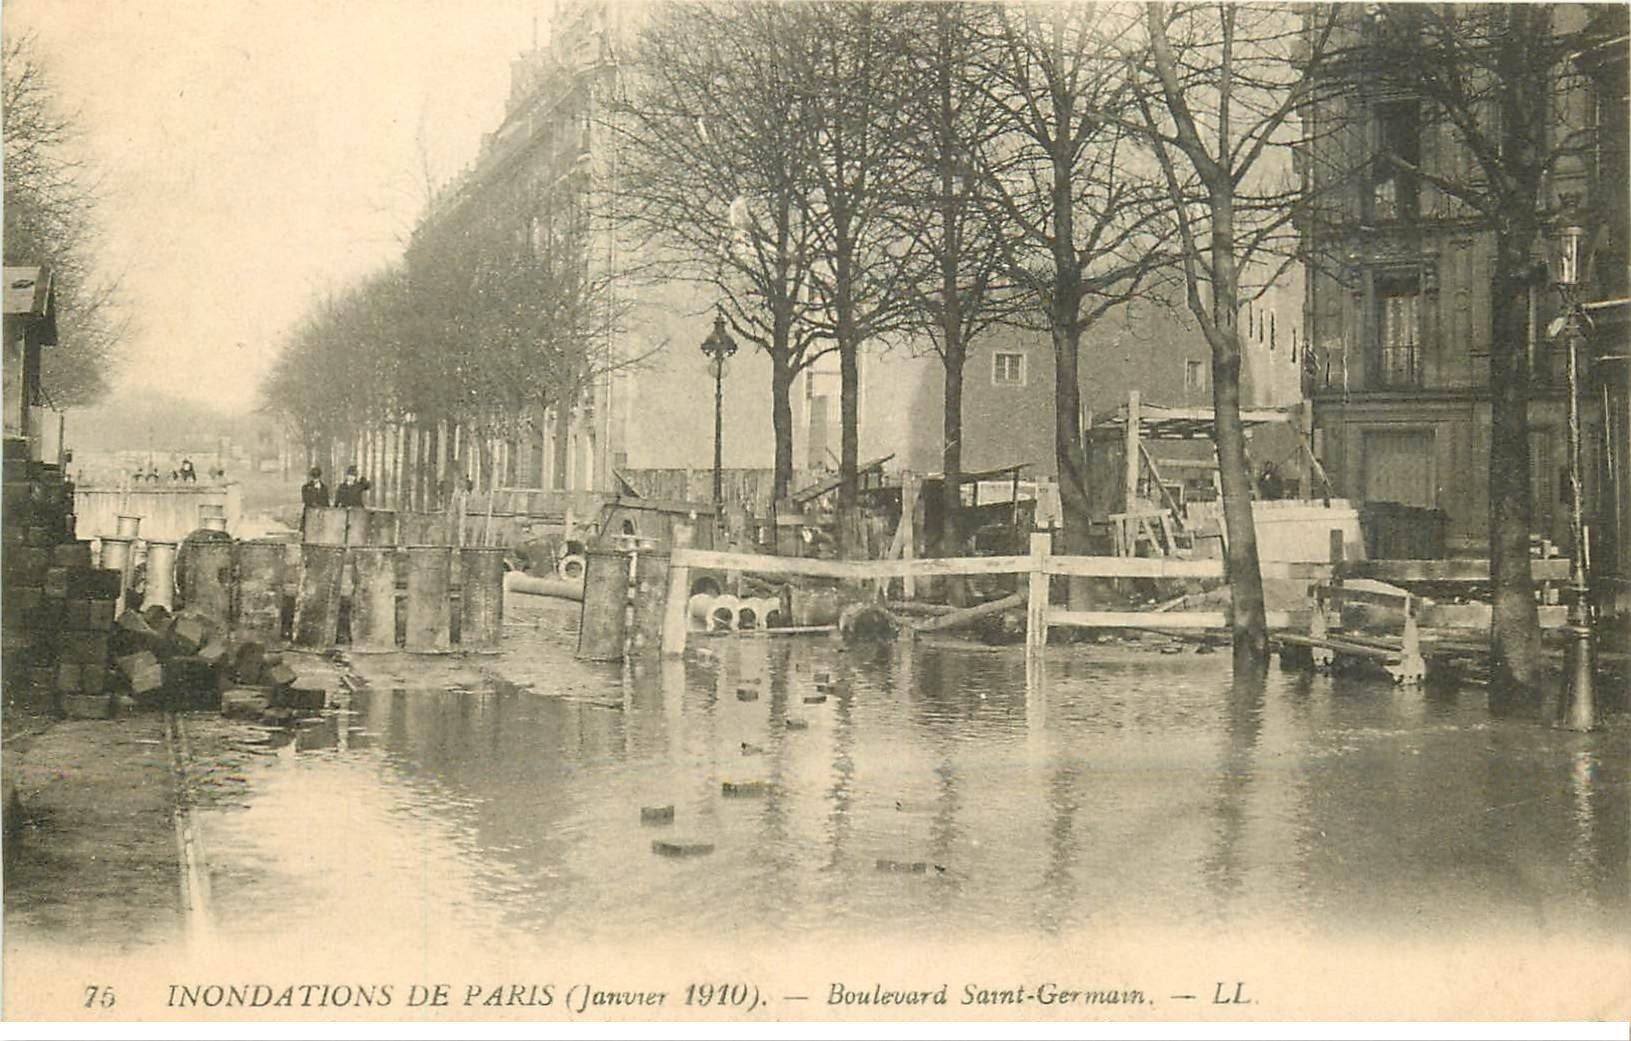 carte postale ancienne INONDATION ET CRUE PARIS 1910. Boulevard Saint-Germain